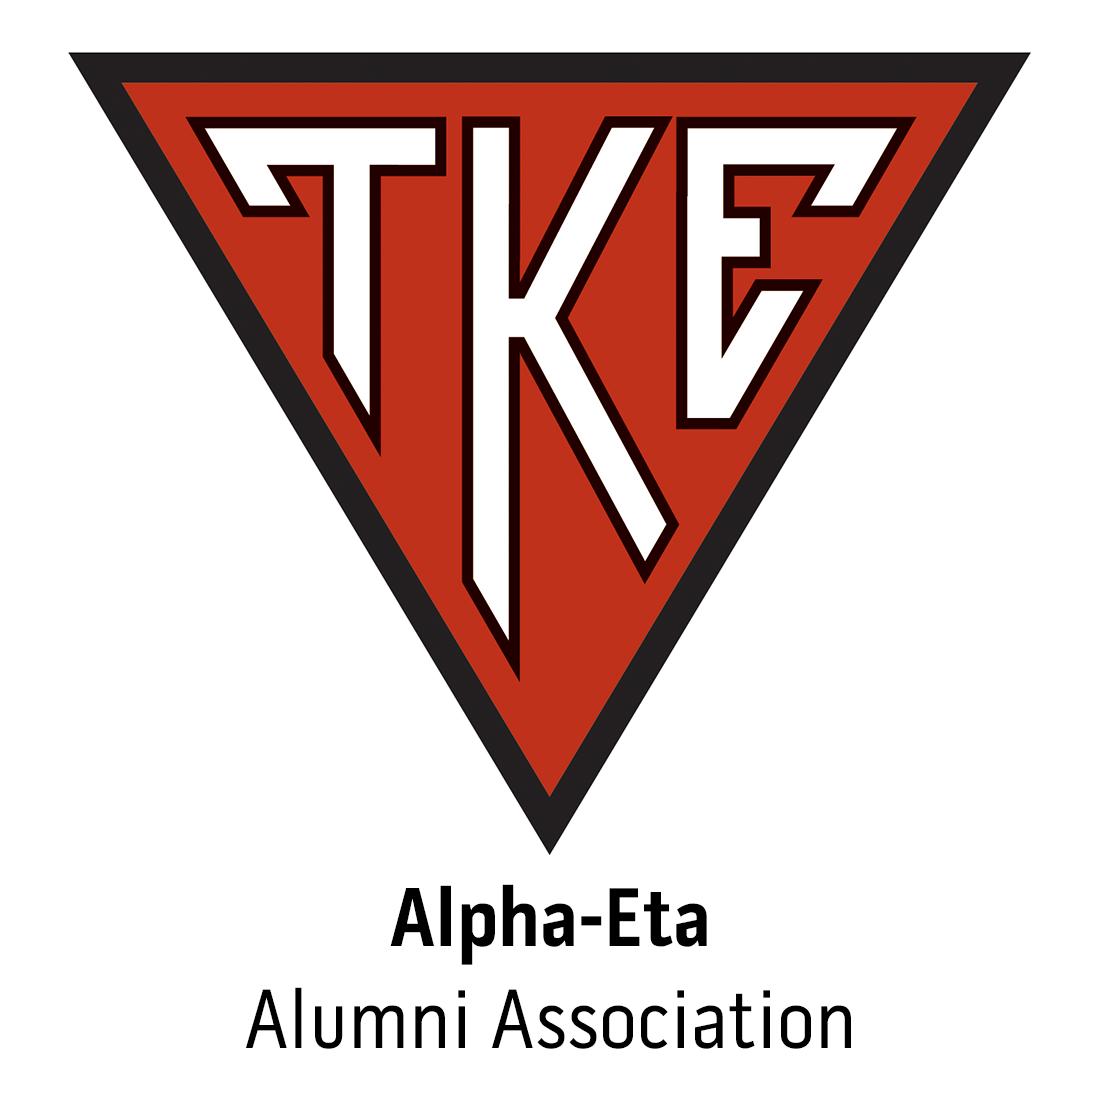 Alpha-Eta Alumni Association at Rutgers University